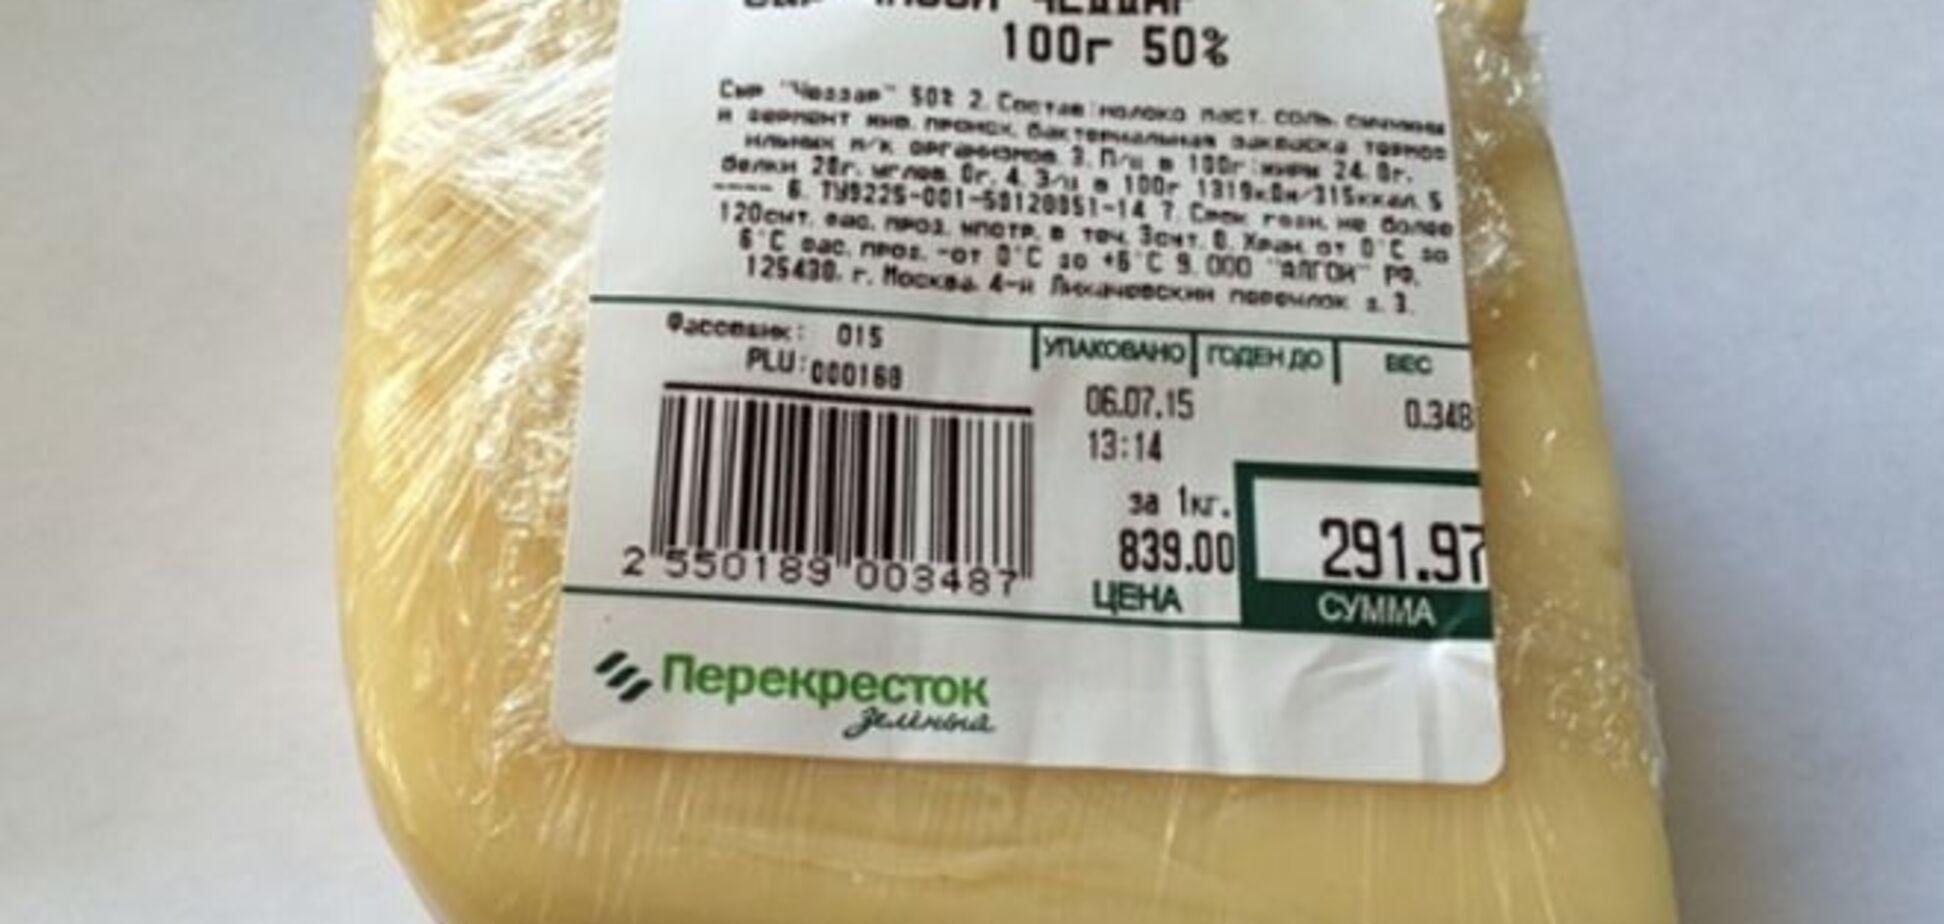 Британський журналіст іронічно оцінив російський сир